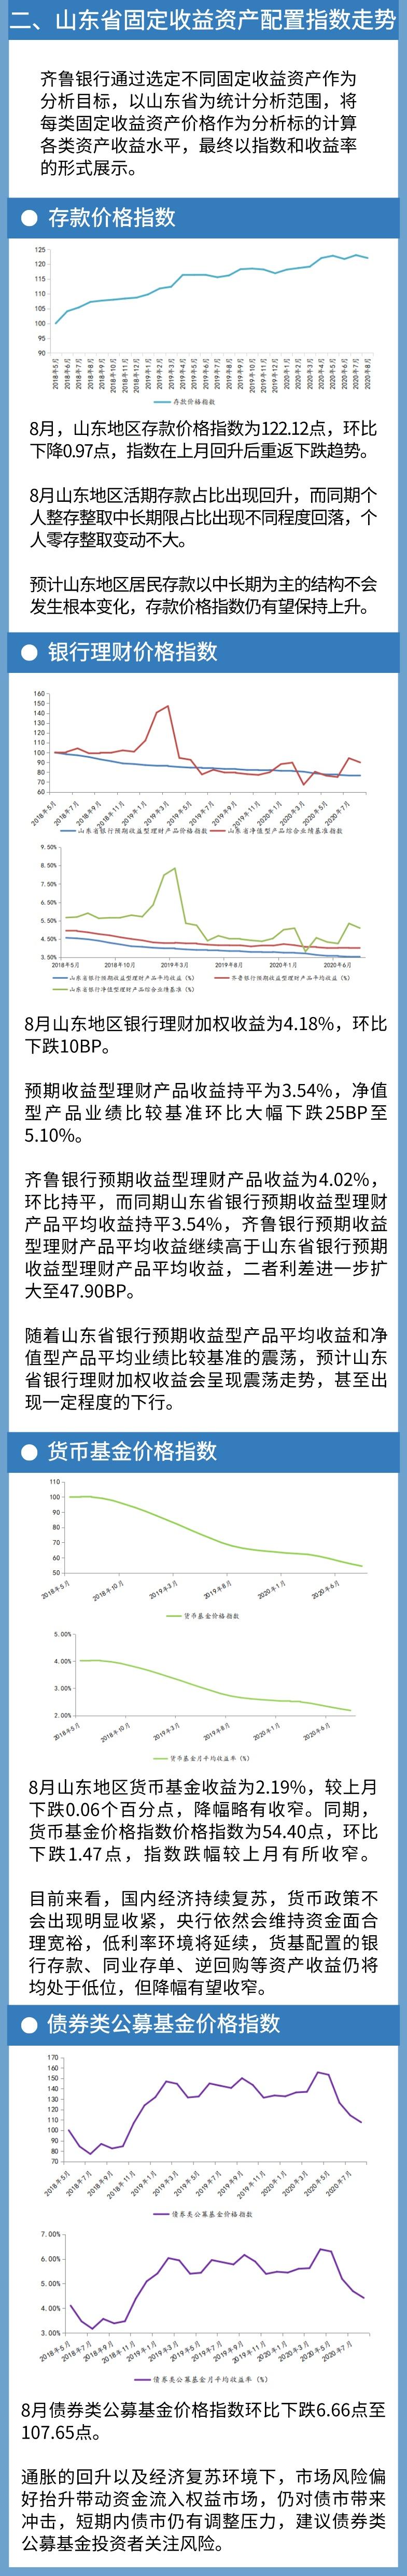 8月各类投资者固定收益资产配置指数下跌幅度不一